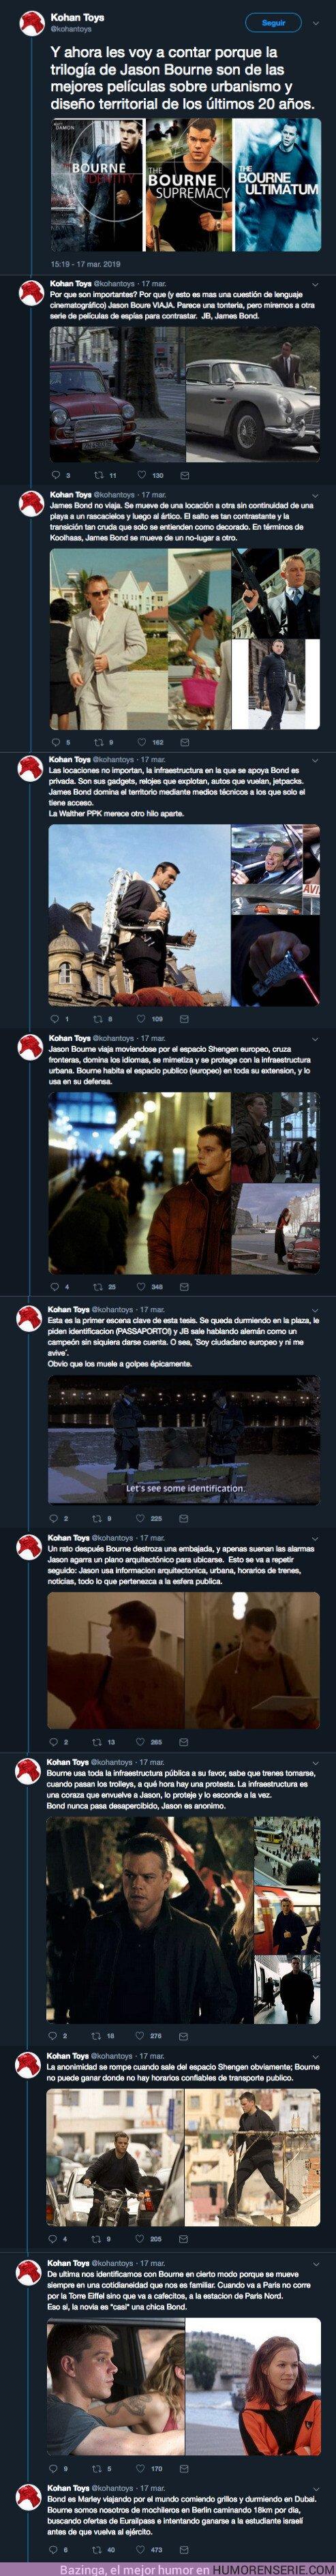 36198 - ¿Por qué Jason Bourne es una de las mejores películas sobre urbanismo de los últimos 20 años